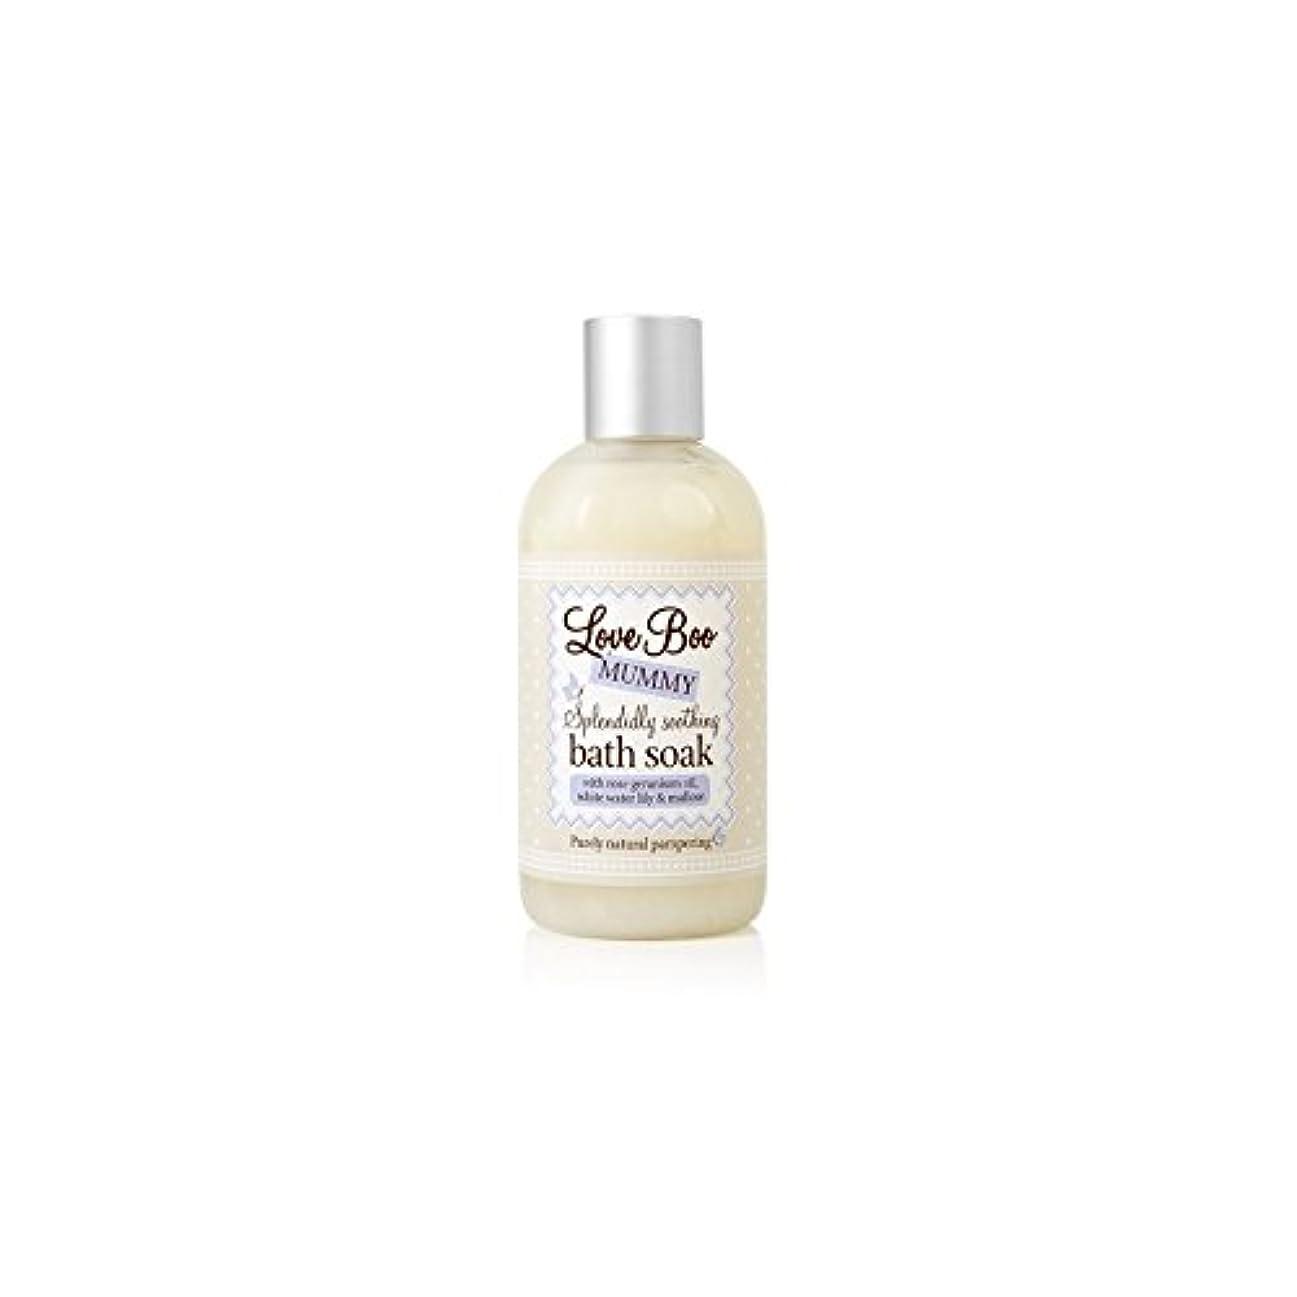 自動的に料理期間Love Boo Splendidly Soothing Bath Soak (250ml) - ブーイング見事なだめるようなお風呂が大好き(250ミリリットル)を浸します [並行輸入品]